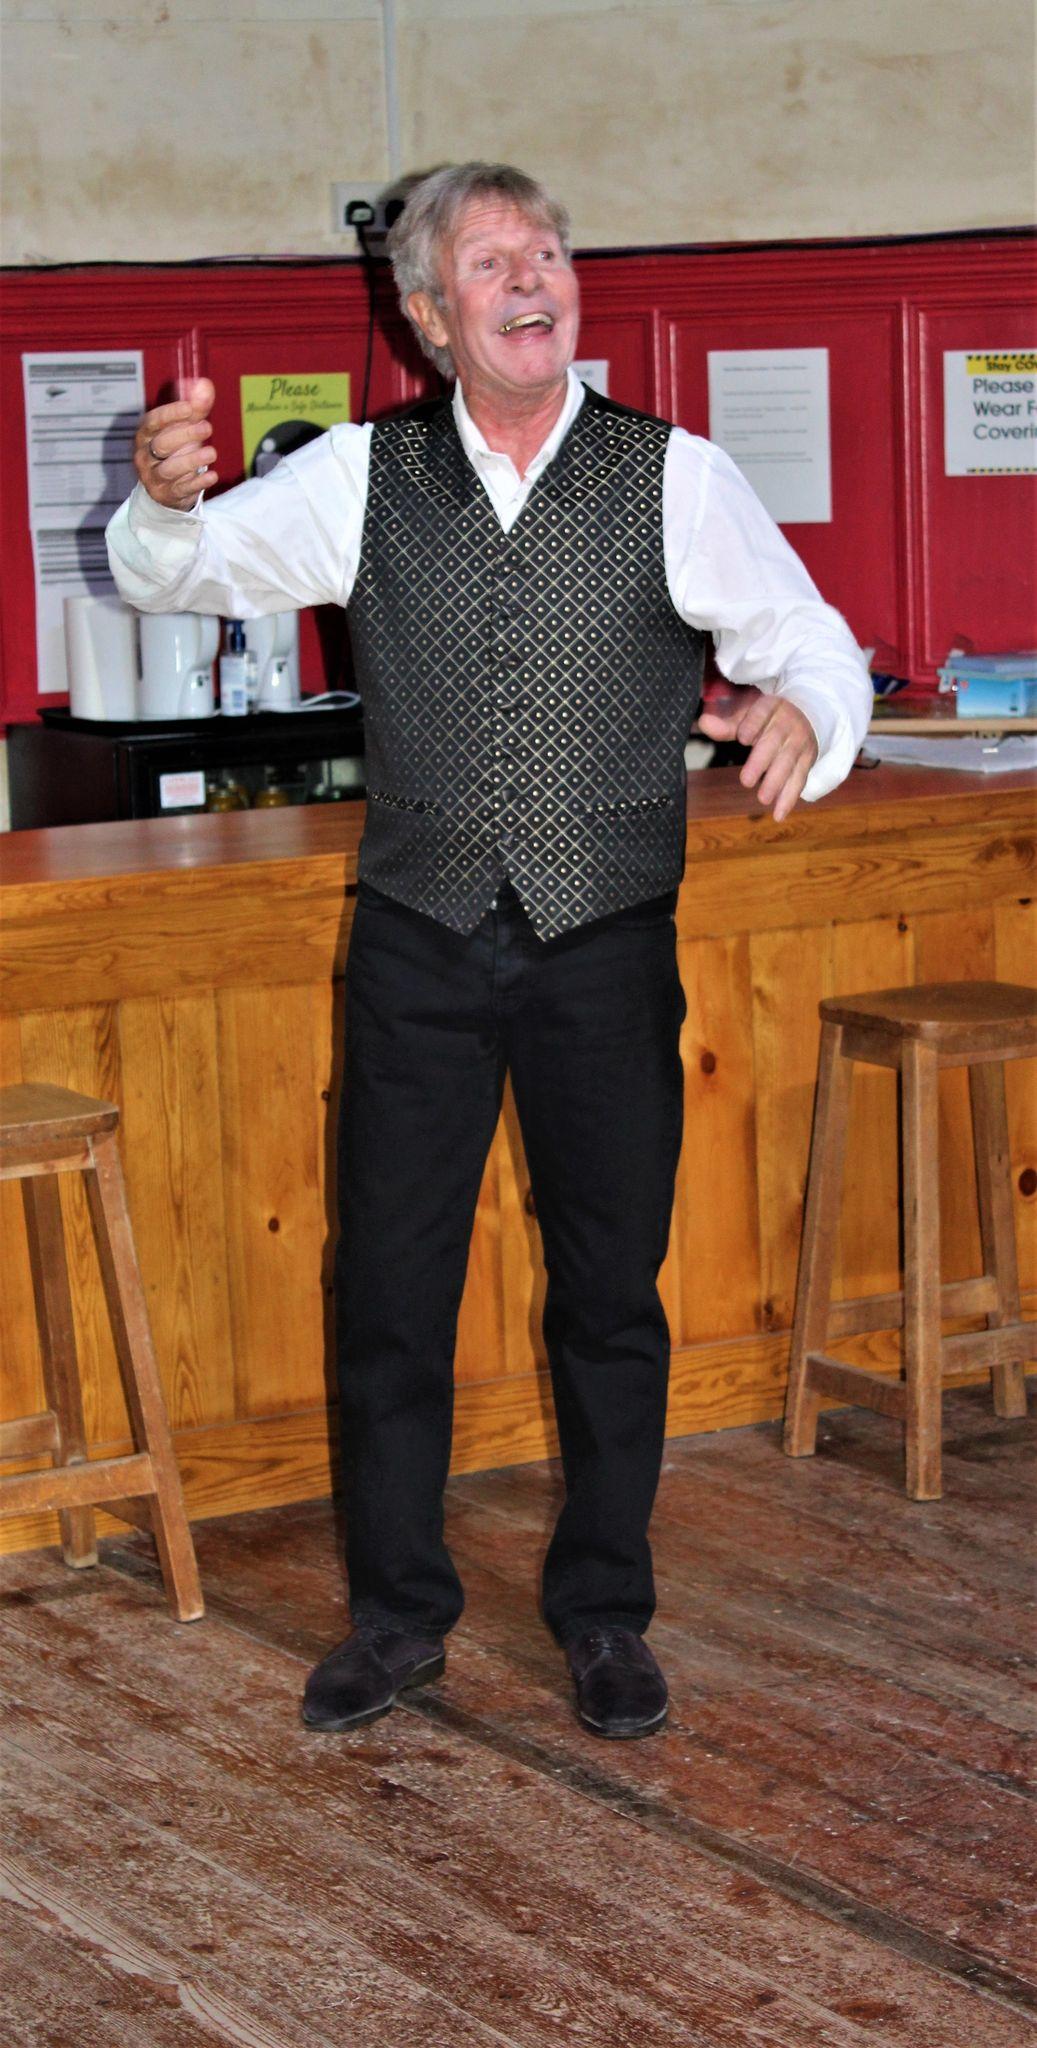 Harry at his bar